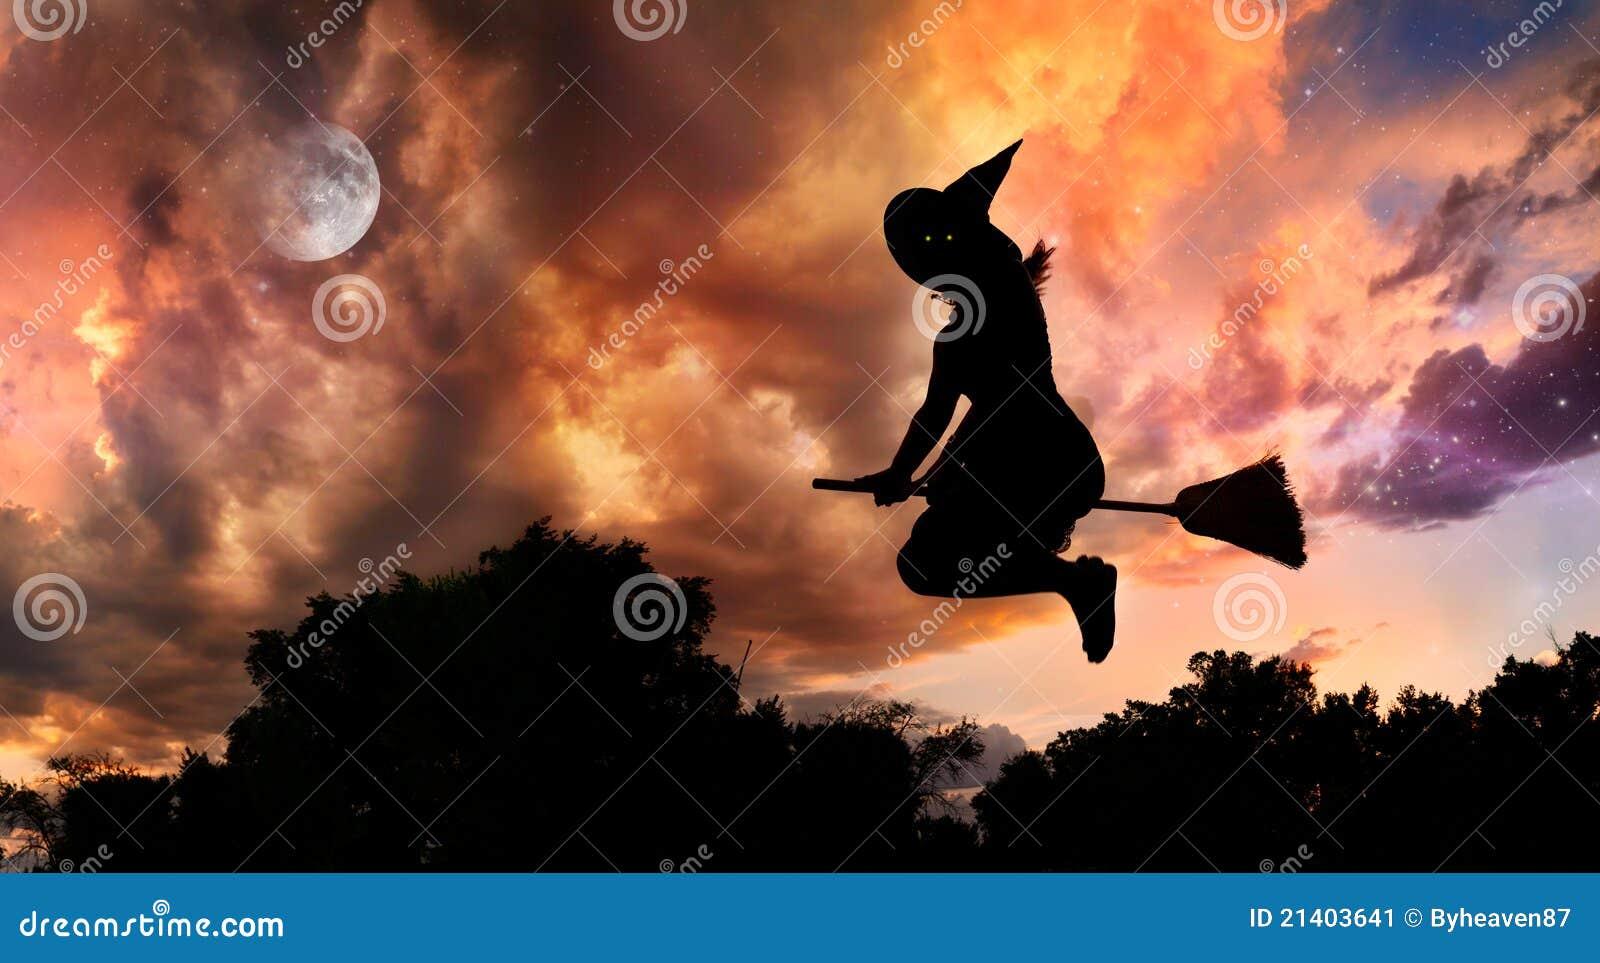 Heks Op Bezem Storm.Vliegende Heks Op Bezemsteel Stock Afbeelding Afbeelding